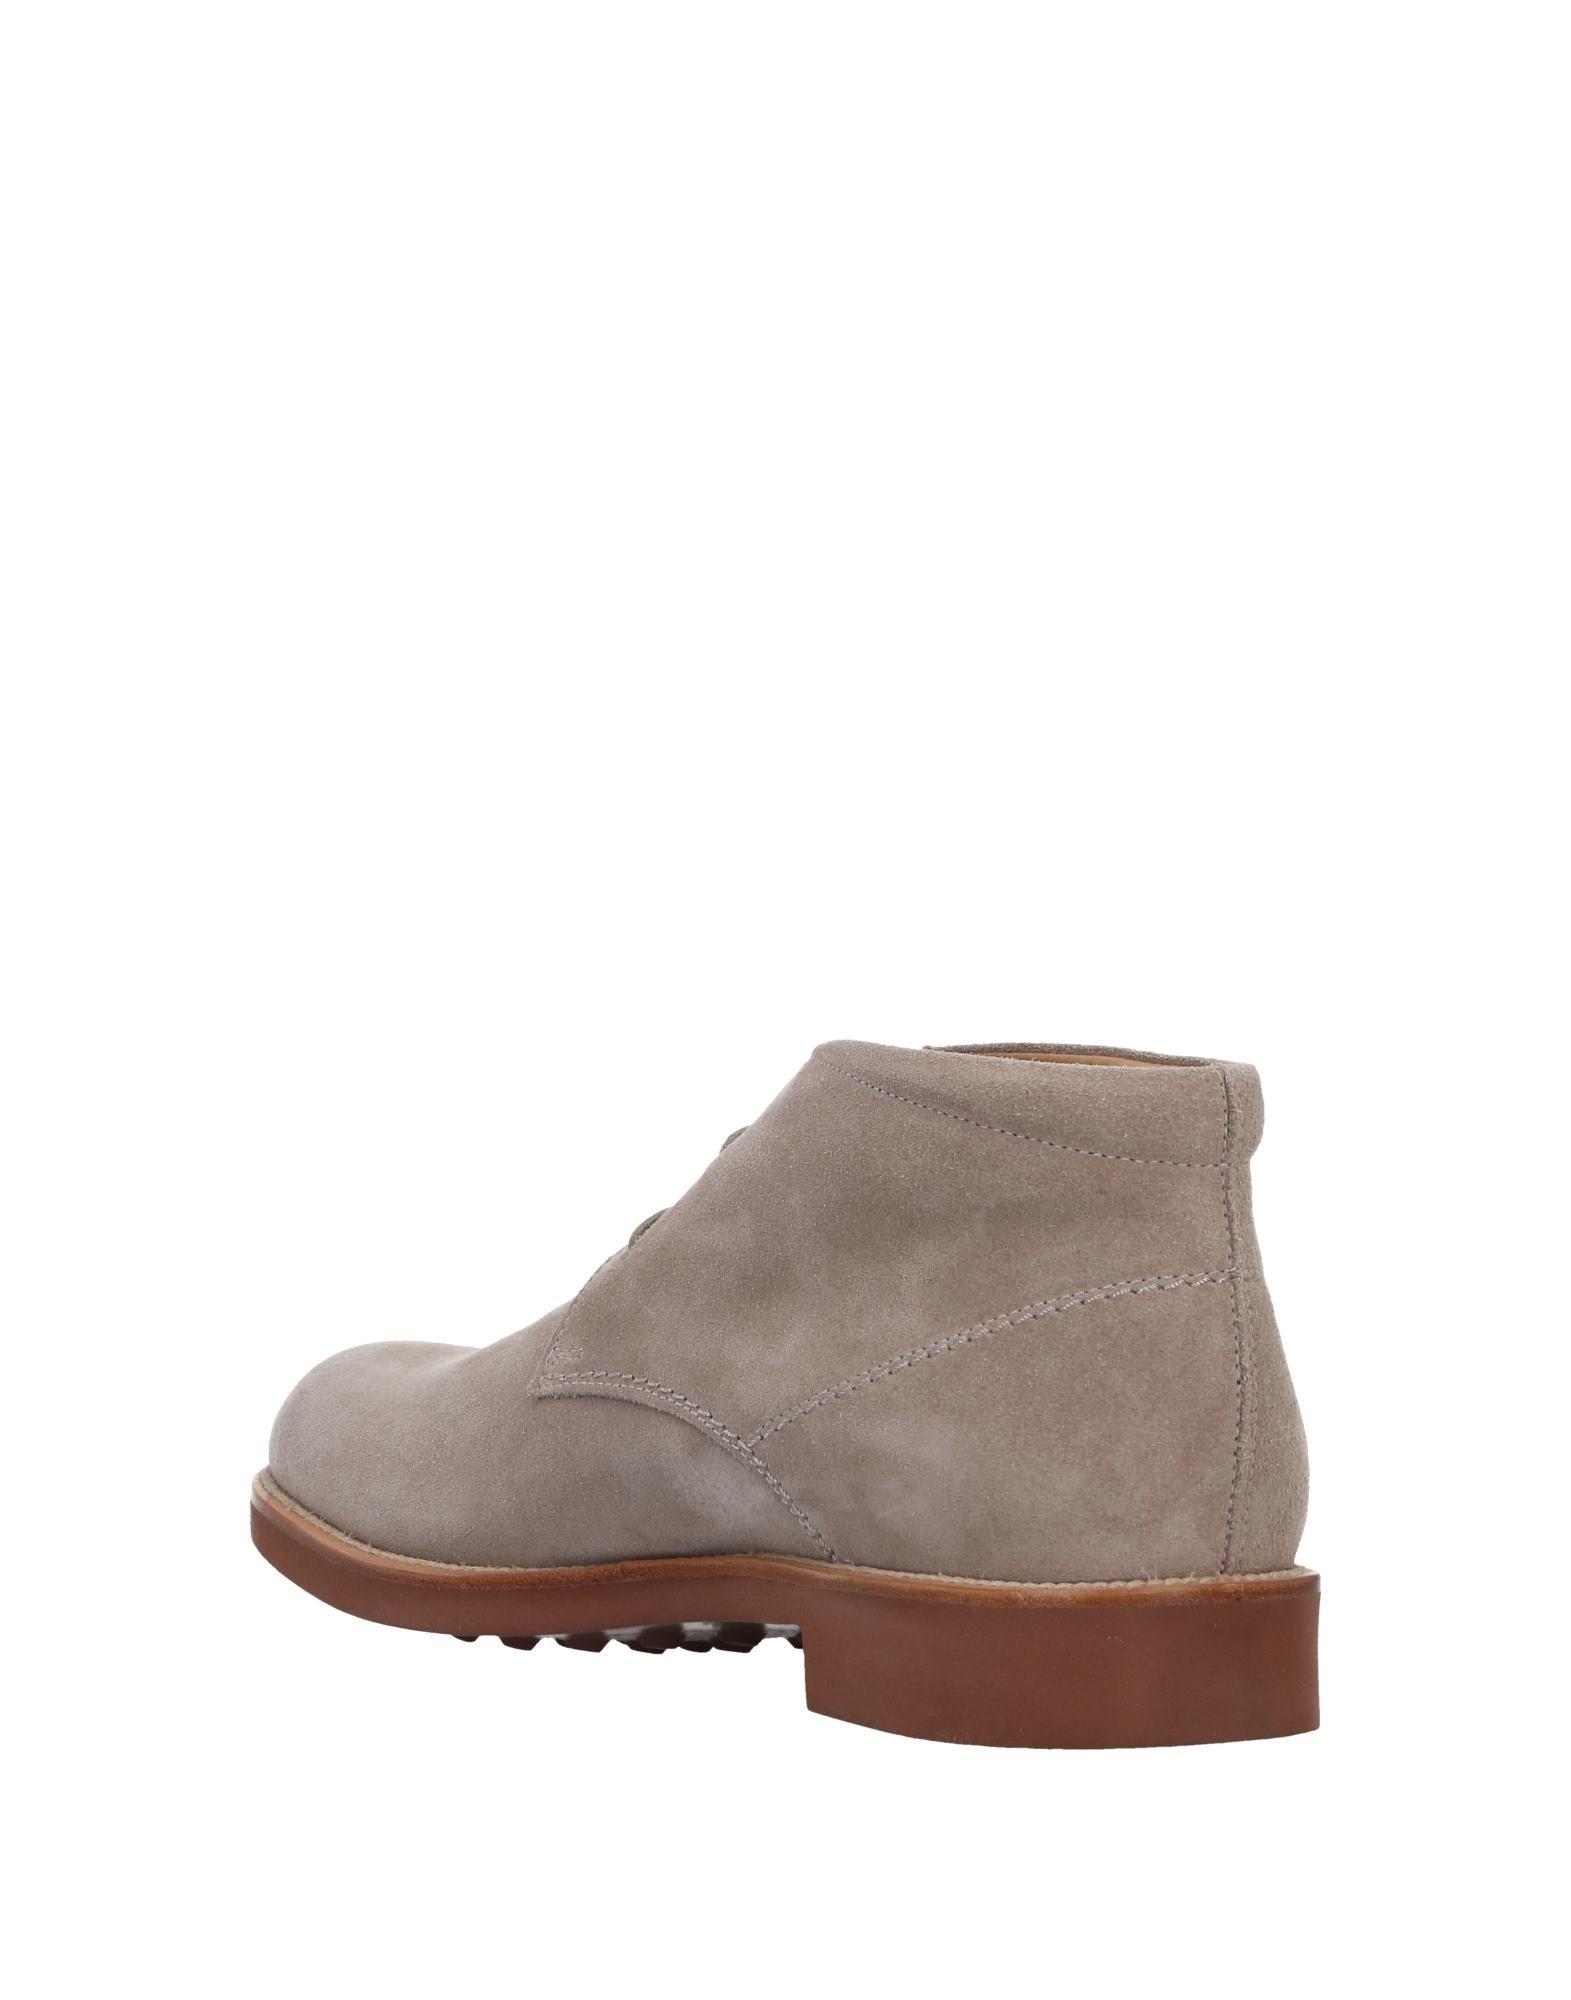 Tod's Stiefelette Herren  Schuhe 11541254MT Gute Qualität beliebte Schuhe  12b1f6